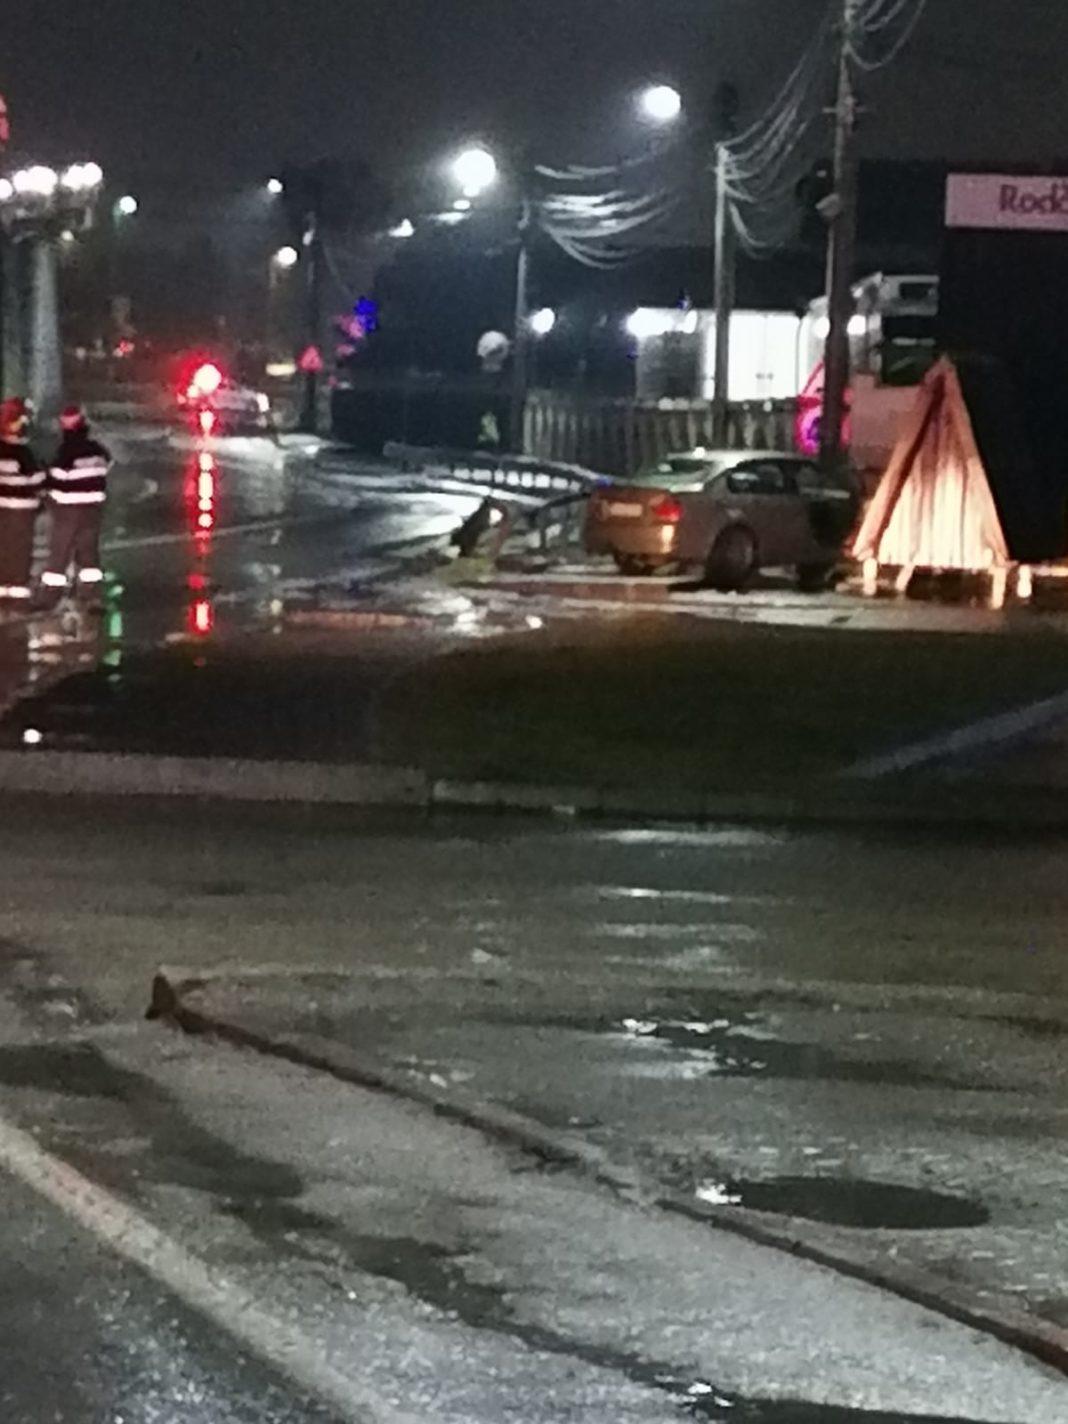 Un autoturism, care circula în sudul municipiului Râmnicu Vâlcea în această seară, a derapat și a lovit o conductă de gaze avariind-o